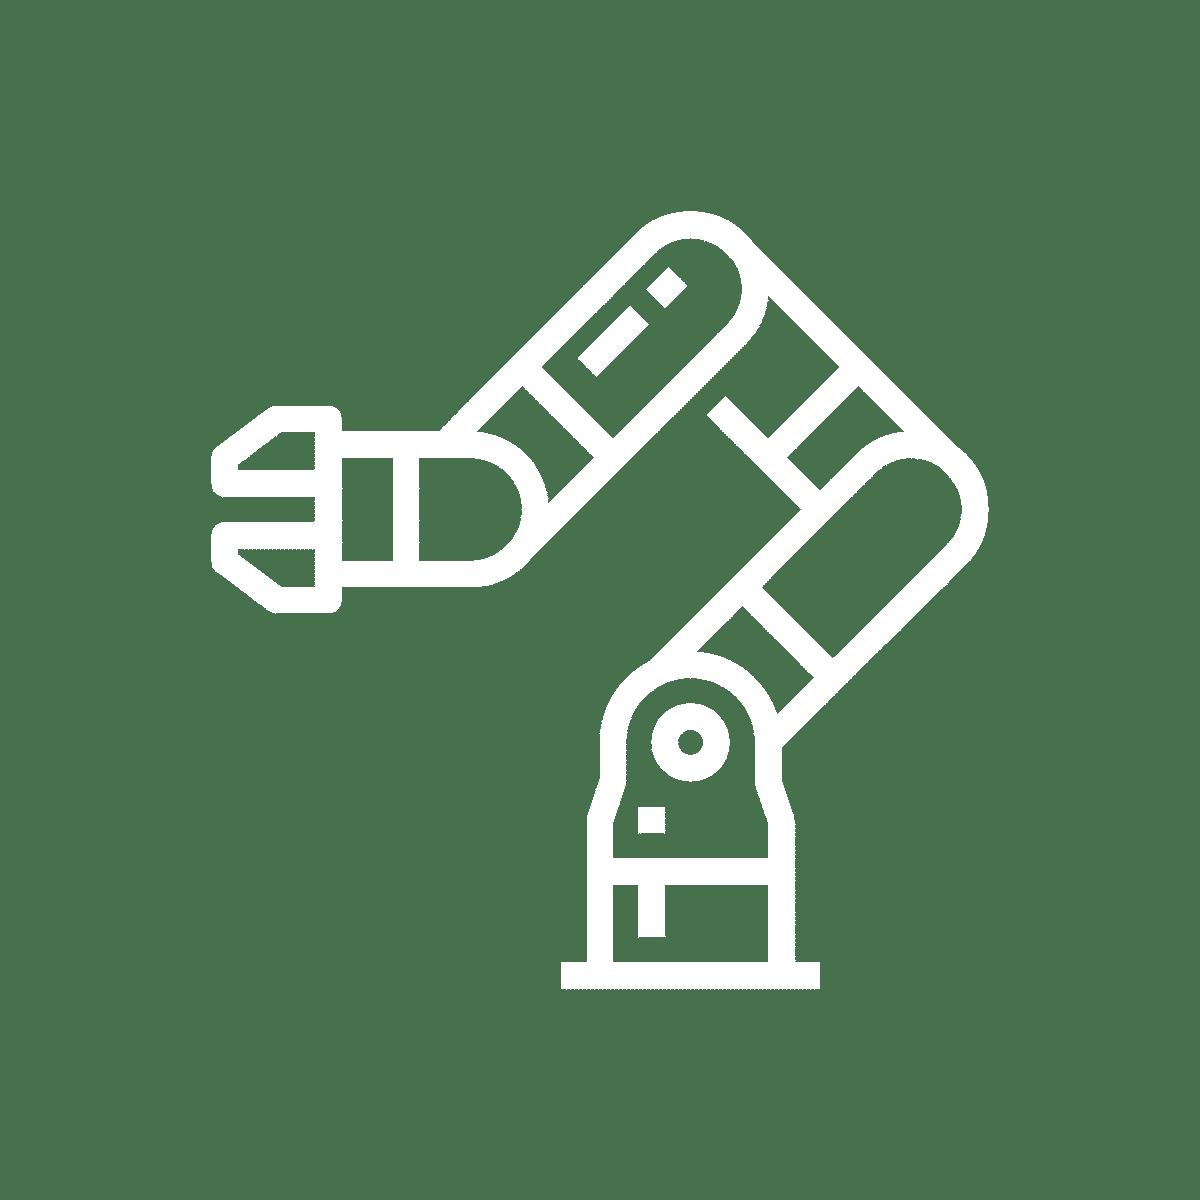 logo industrie bras mécanique contour blanc : Digitalisation des entreprises ITDM GROUP